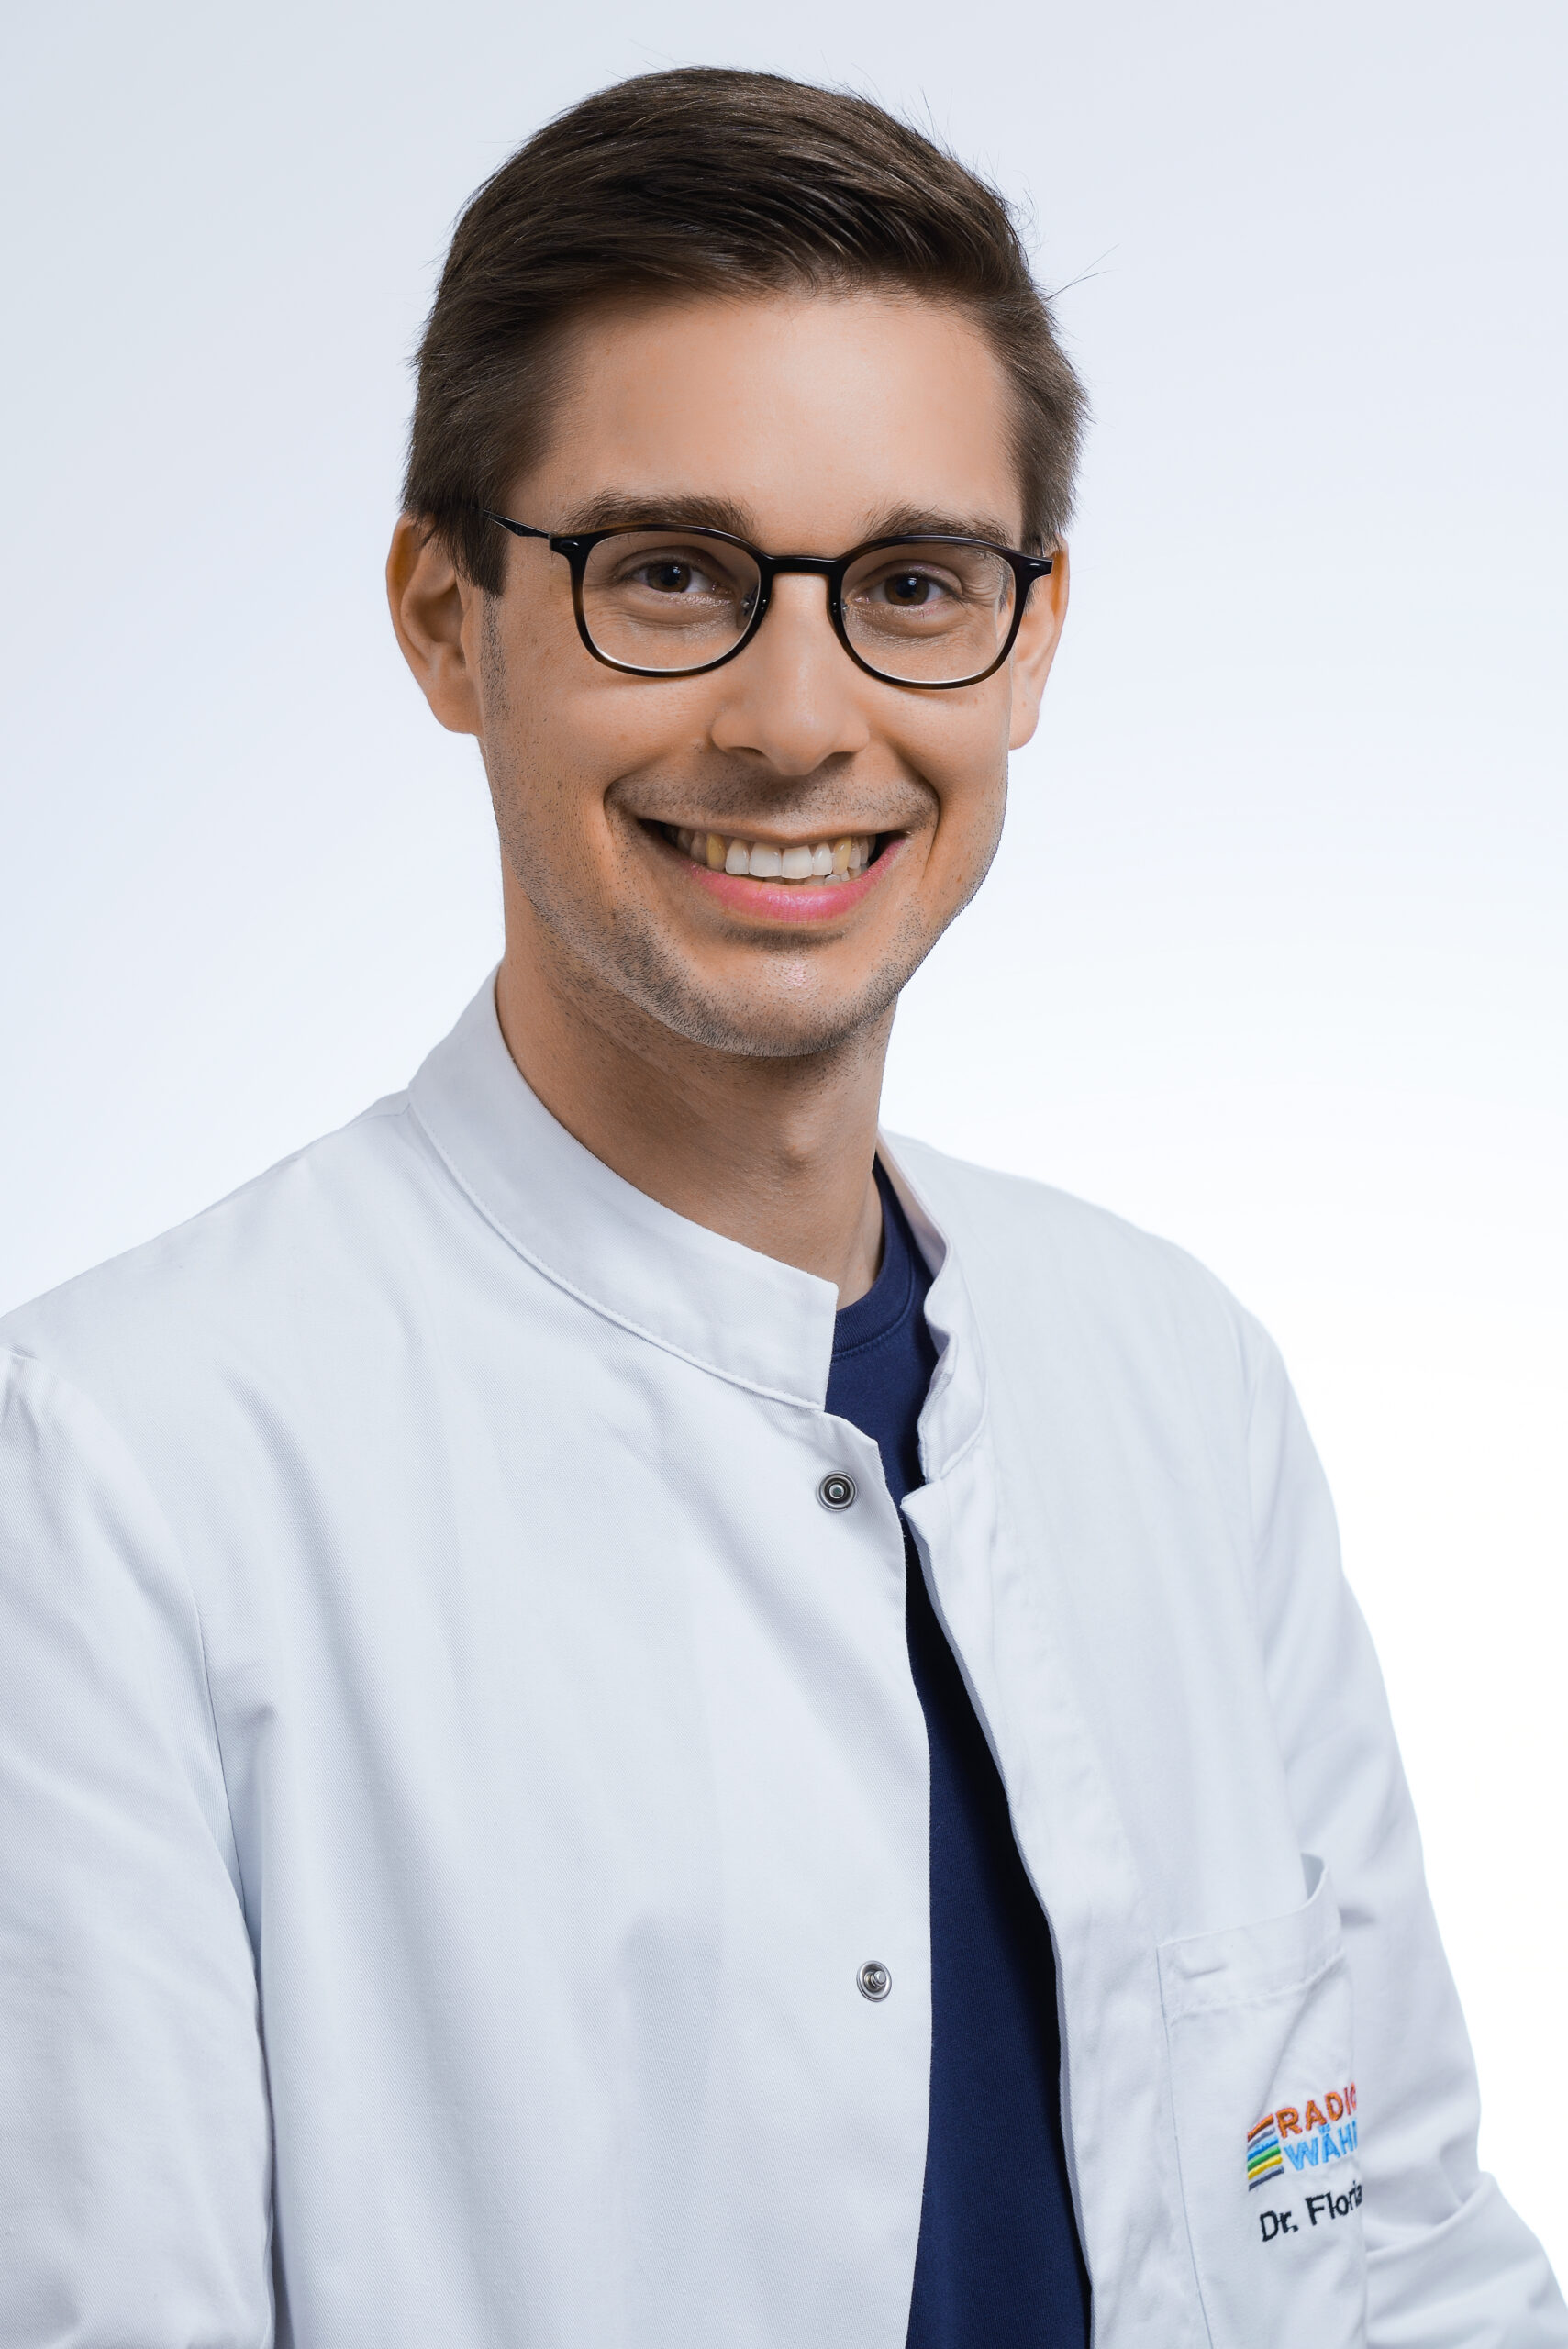 Dr. Florian Gittler